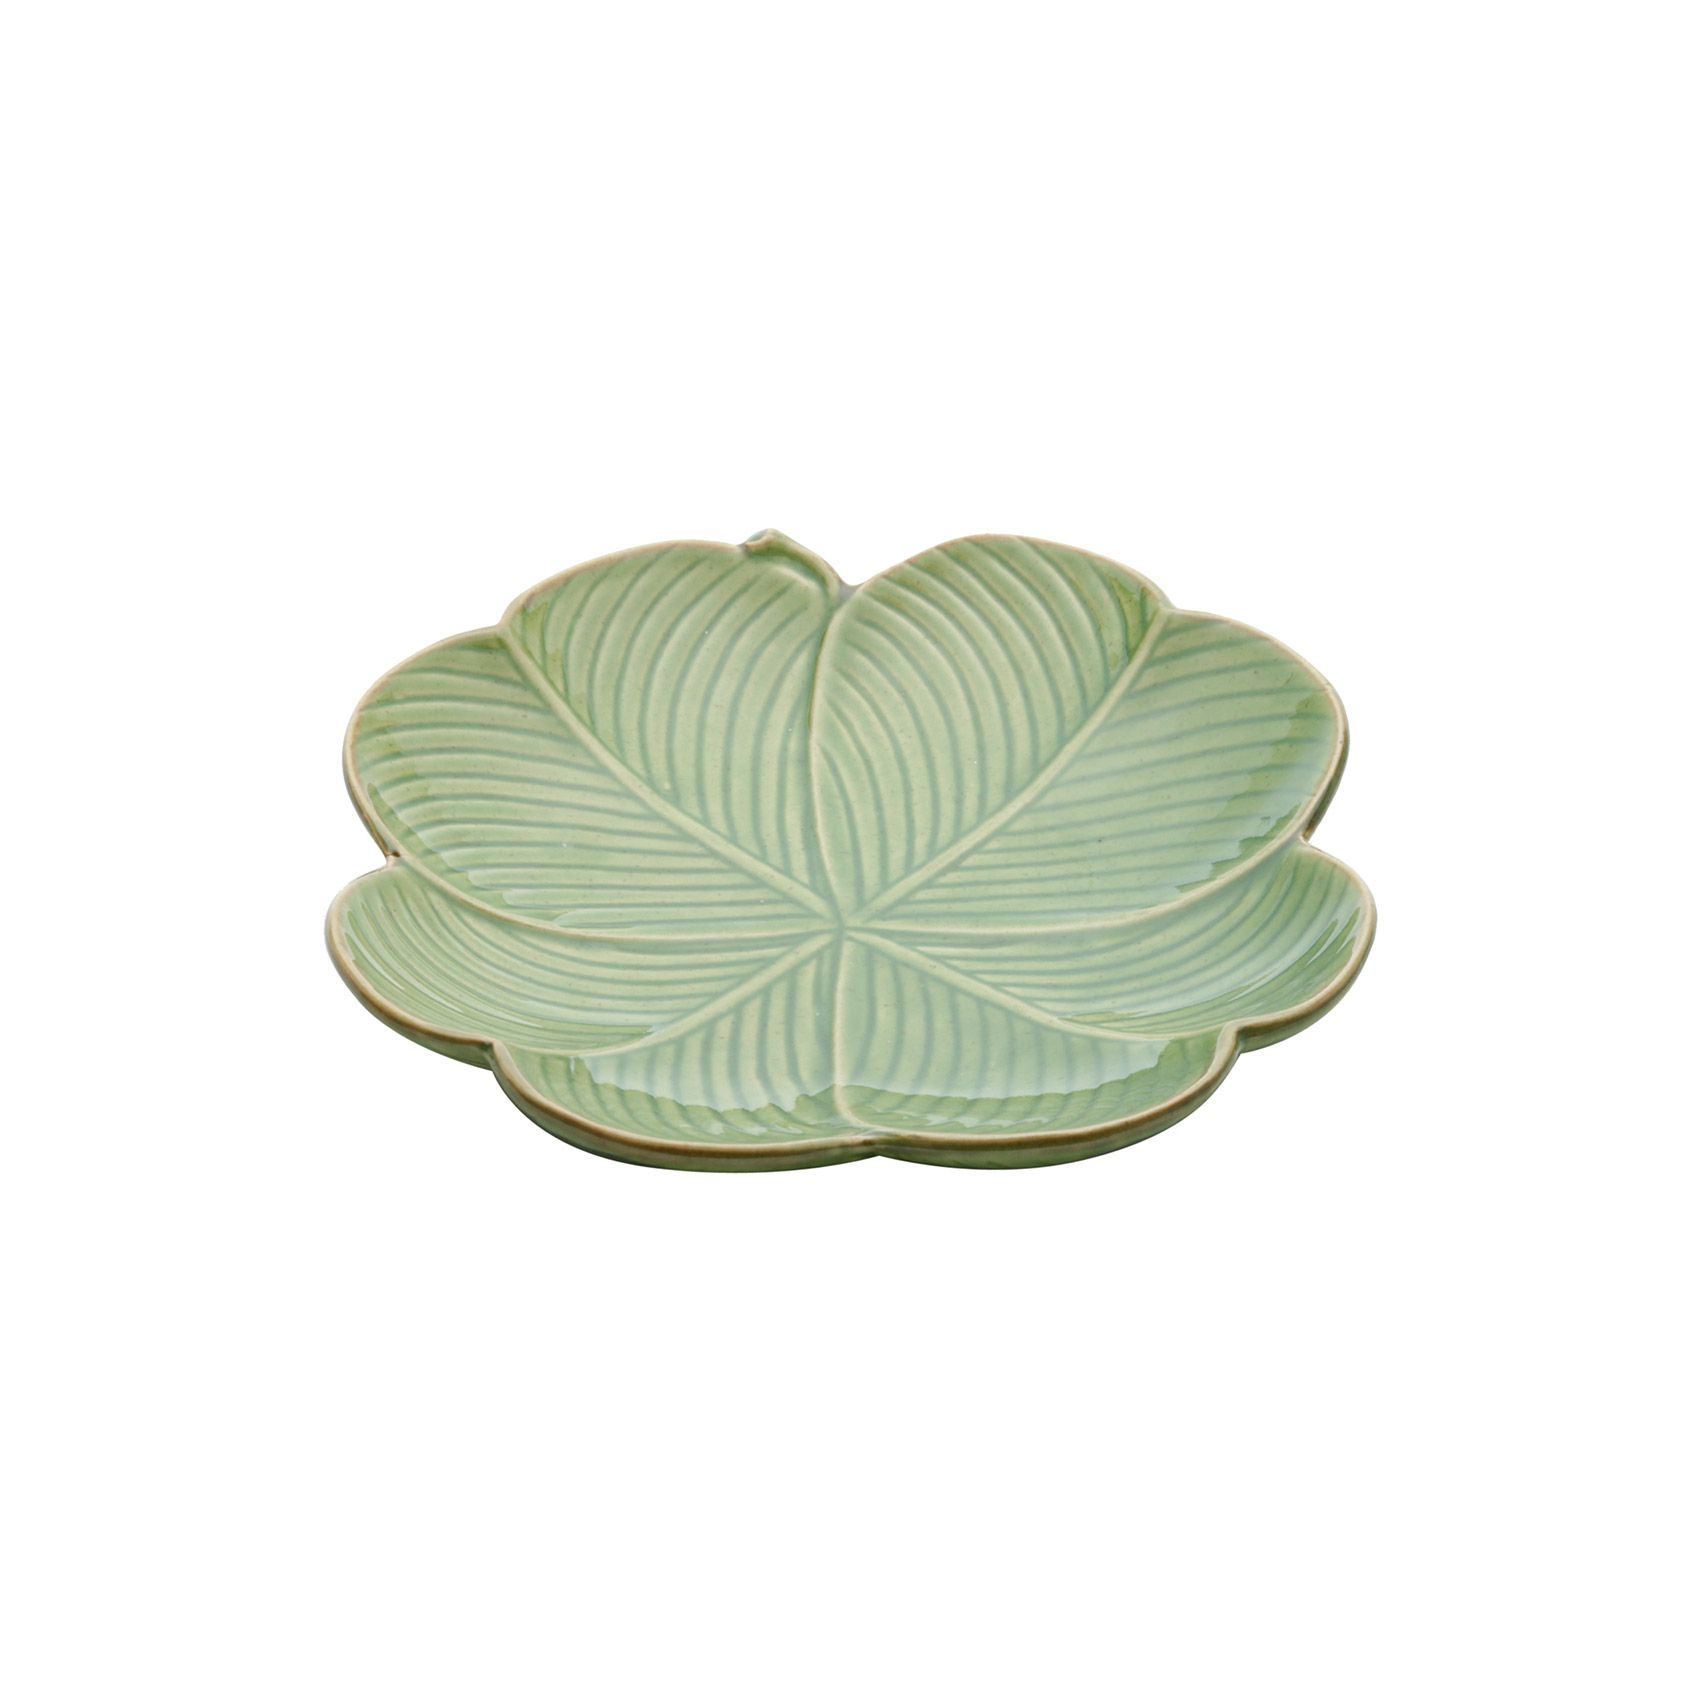 Prato decorativo 26 cm de cerâmica verde Banana Leaf Lyor - L4314